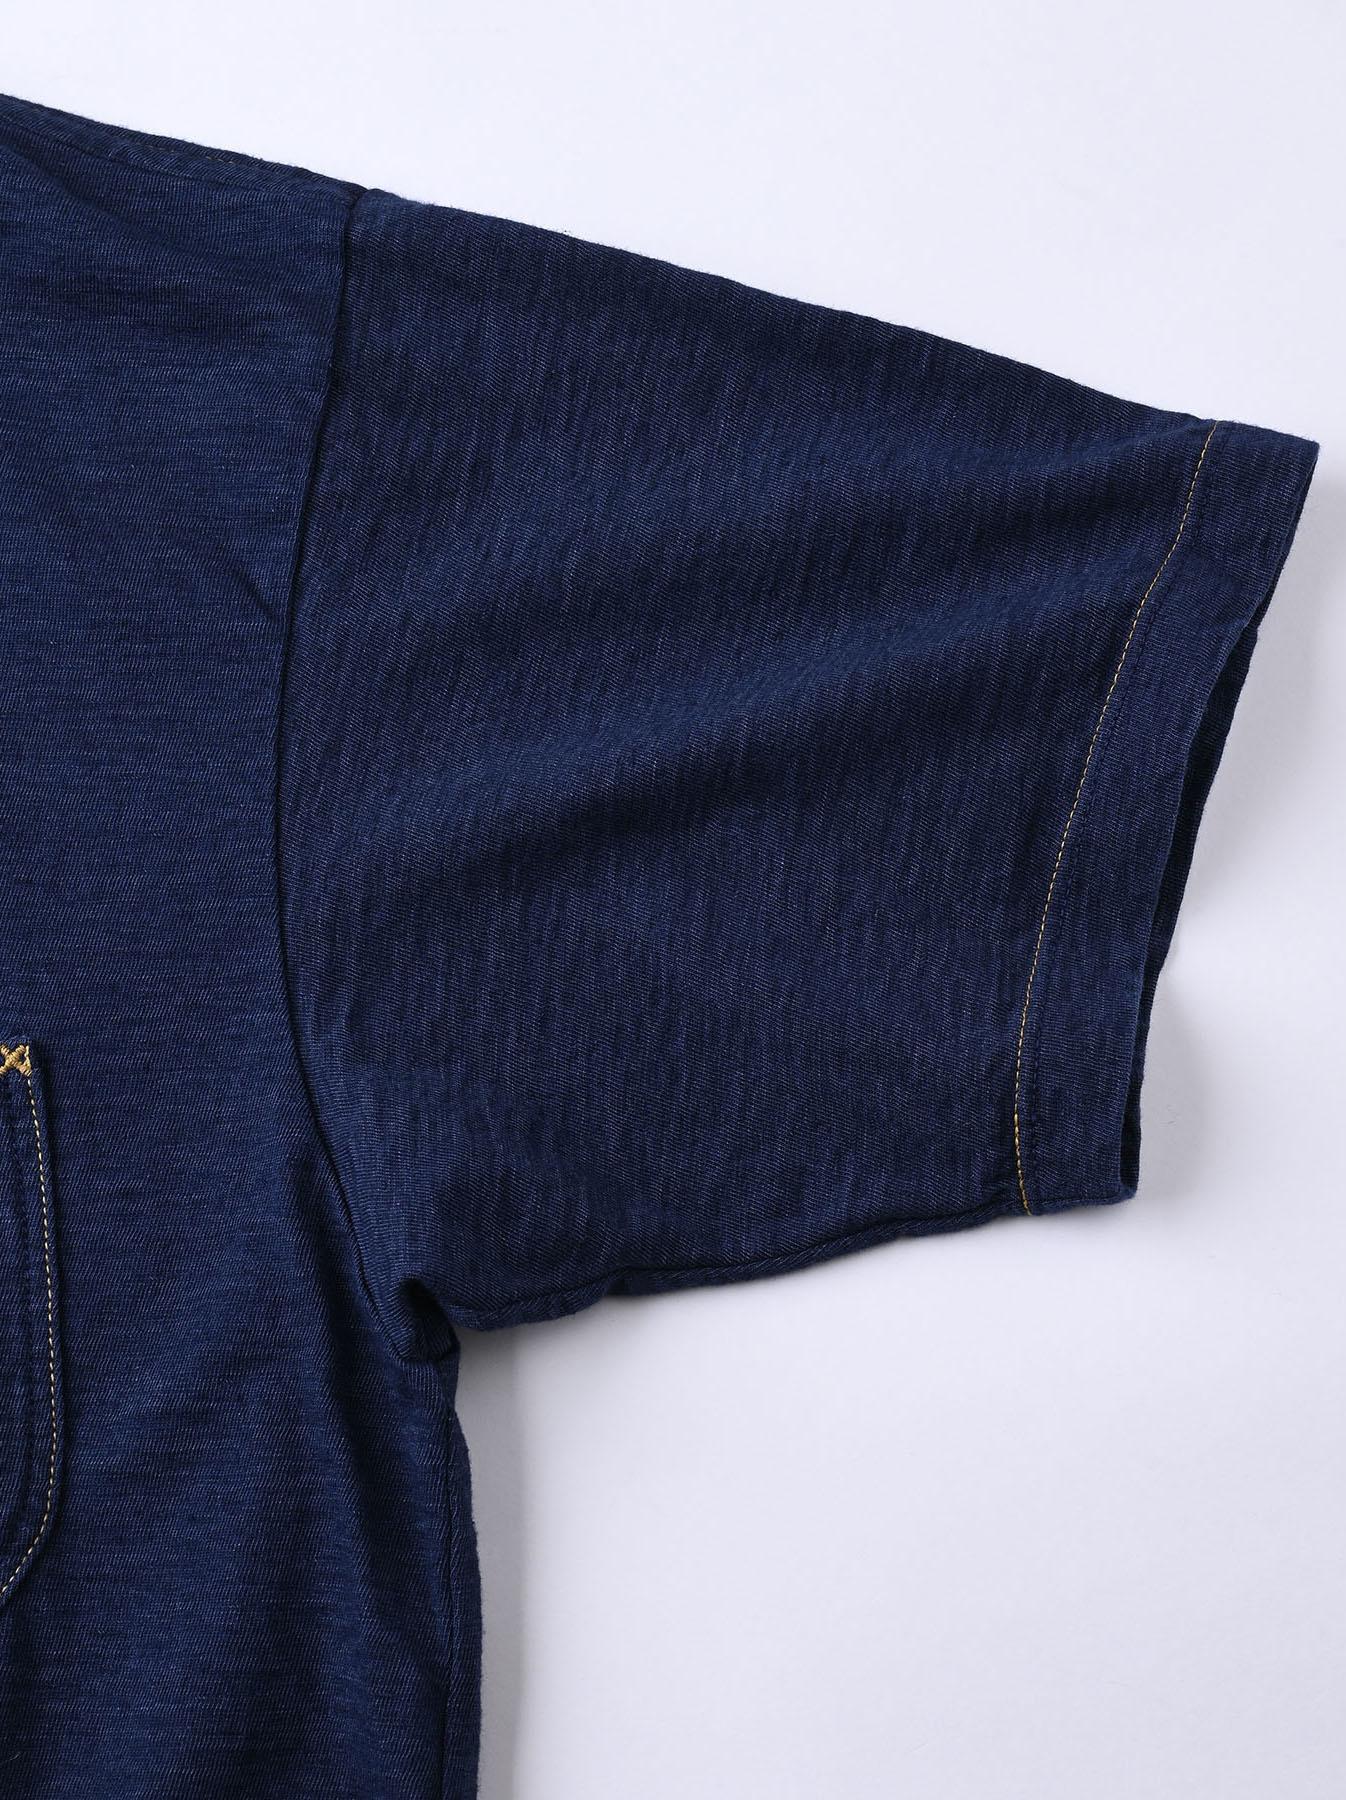 Indigo Smile R Embroidery 908 Ocean T-shirt (0621)-10